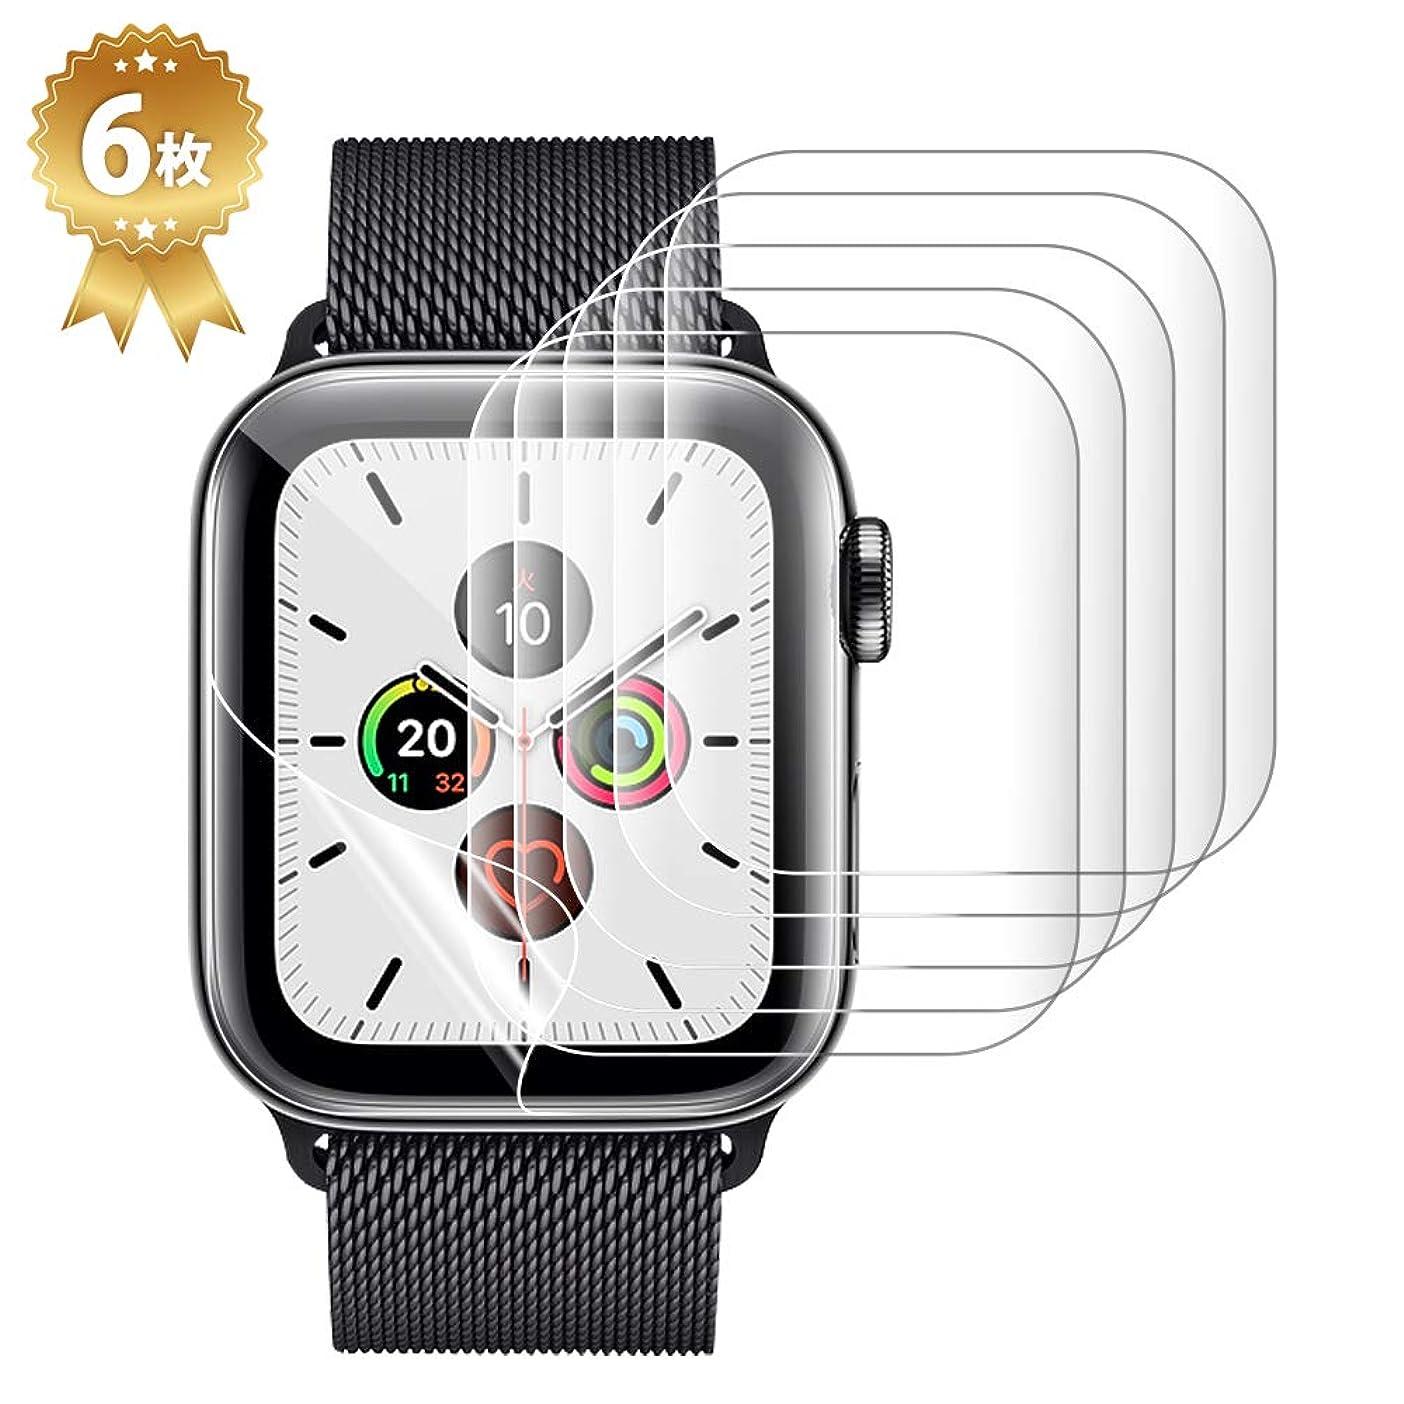 タイマーマイクロフォン誓いアップルウォッチ用 保護フィルム Apple Watch Series 5/4/3/2/1 38mm~40mm 99%高透過率 指紋防止 衝撃吸収 気泡防止 ラウンドエッジ加工